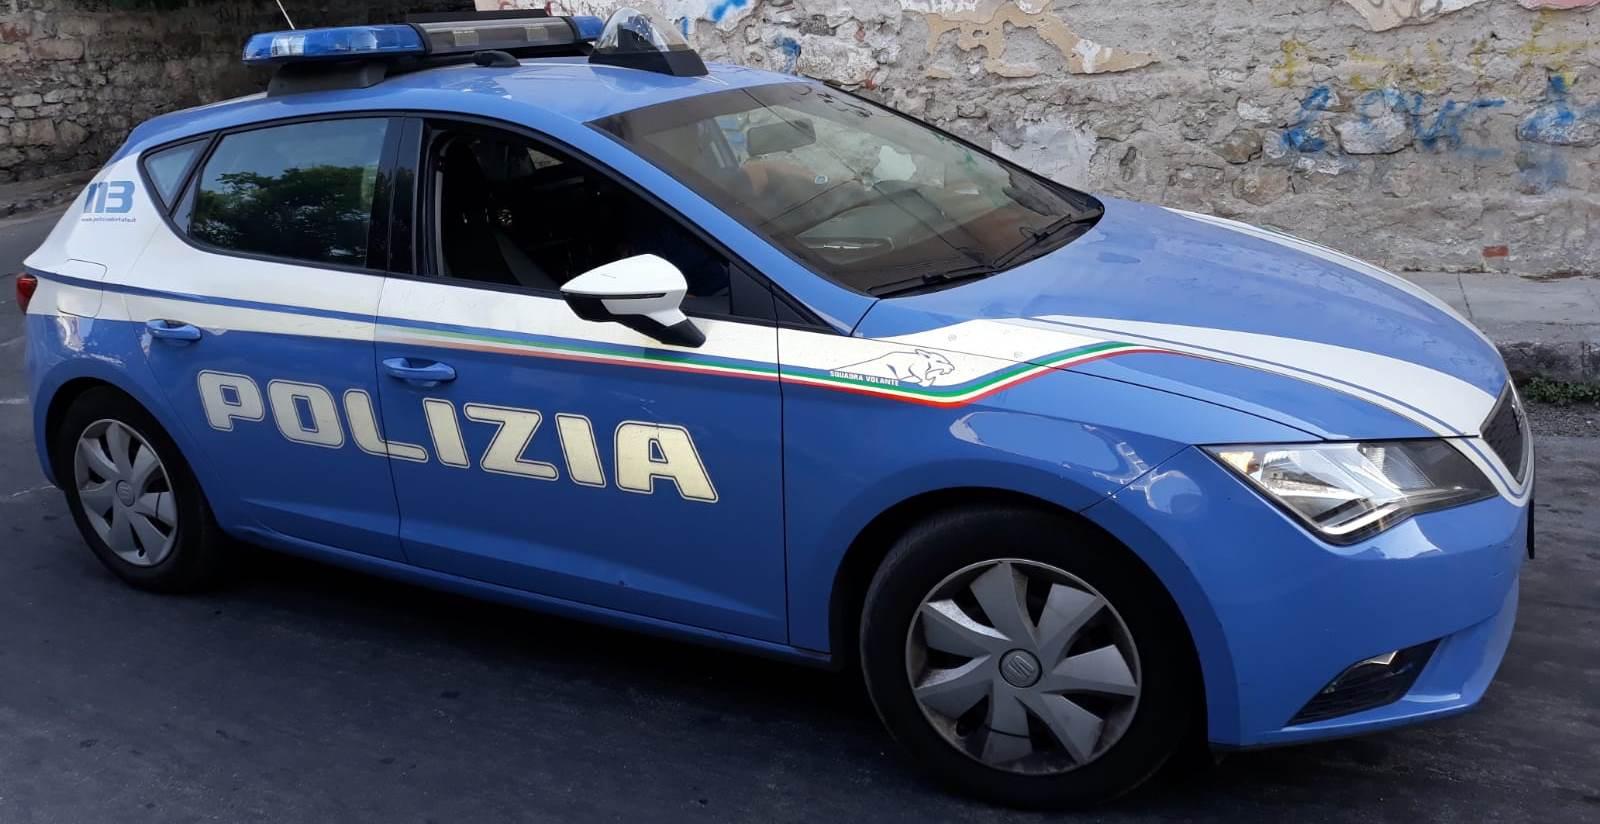 Controlli tra San Cristoforo e Librino, la polizia sorprende due giovani pregiudicati: ordinati i domiciliari